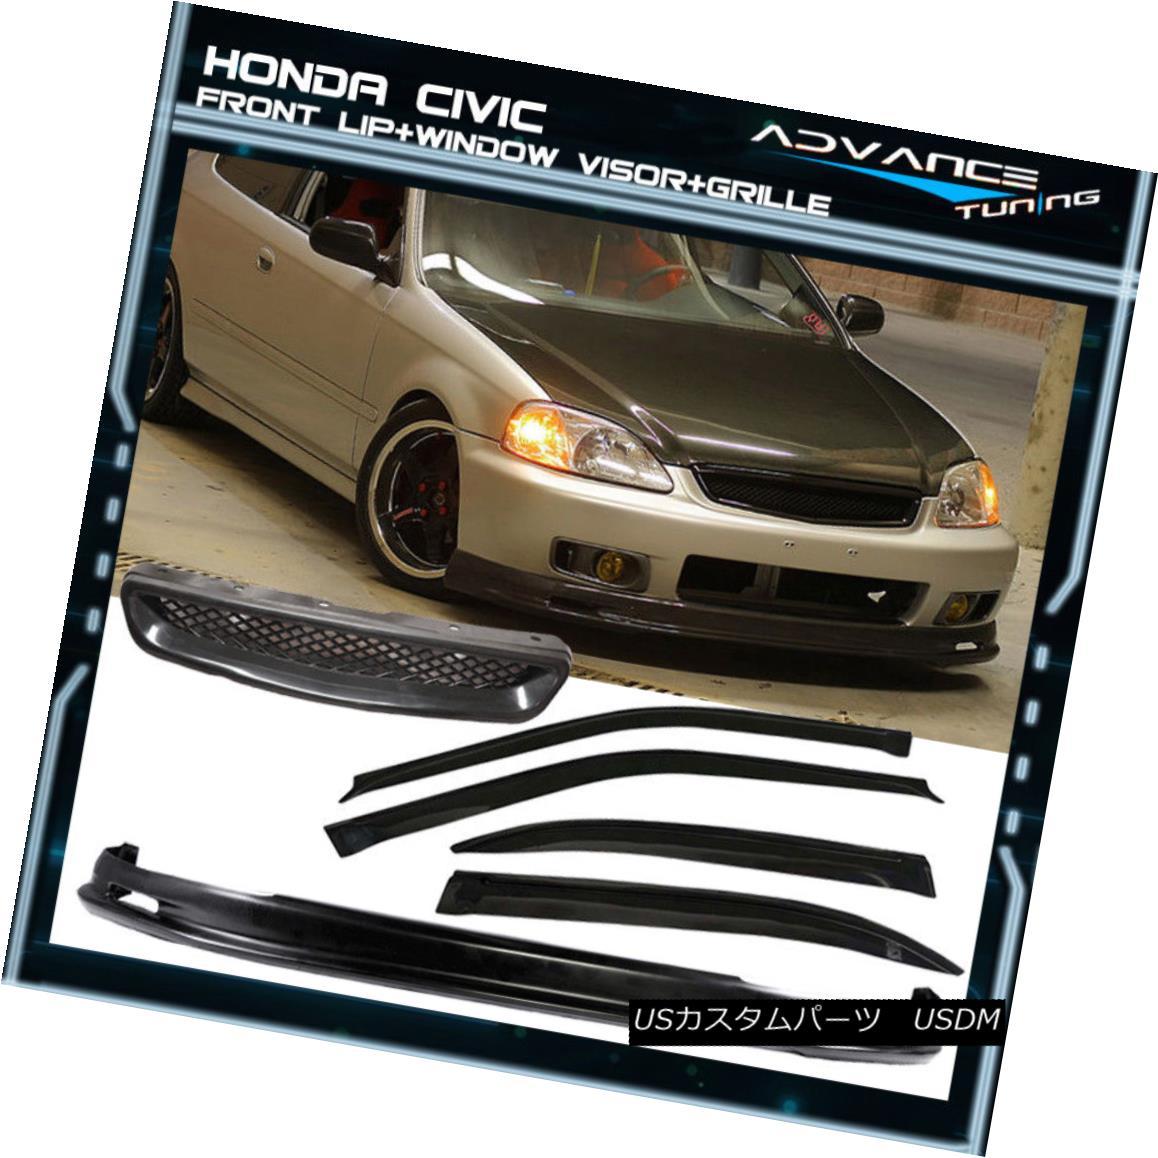 グリル For 99-00 Civic 4Dr Sedan Mugen Front Bumper Lip + Grille + Sun Window Visor 99-00シビック4Drセダンムゲンフロントバンパーリップ+グリル+サンウィンドウバイザー